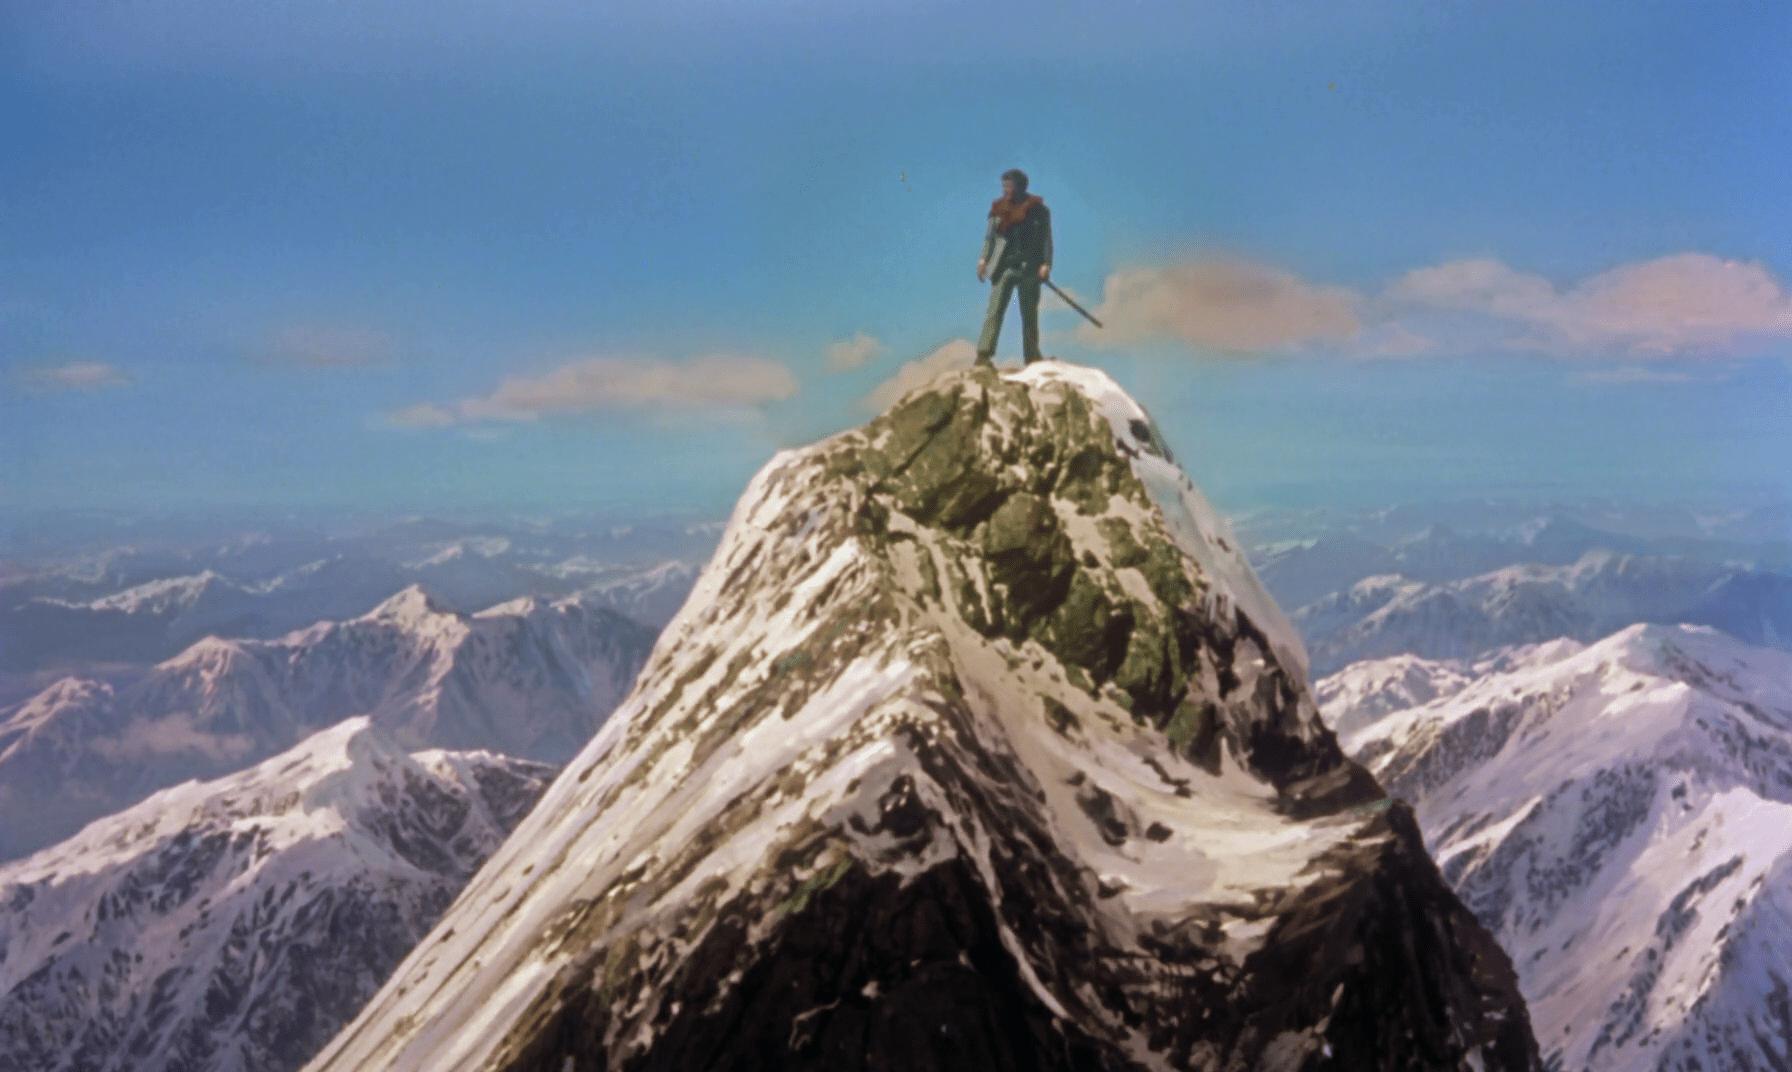 Resultado de imagen de man on the top of a mountain